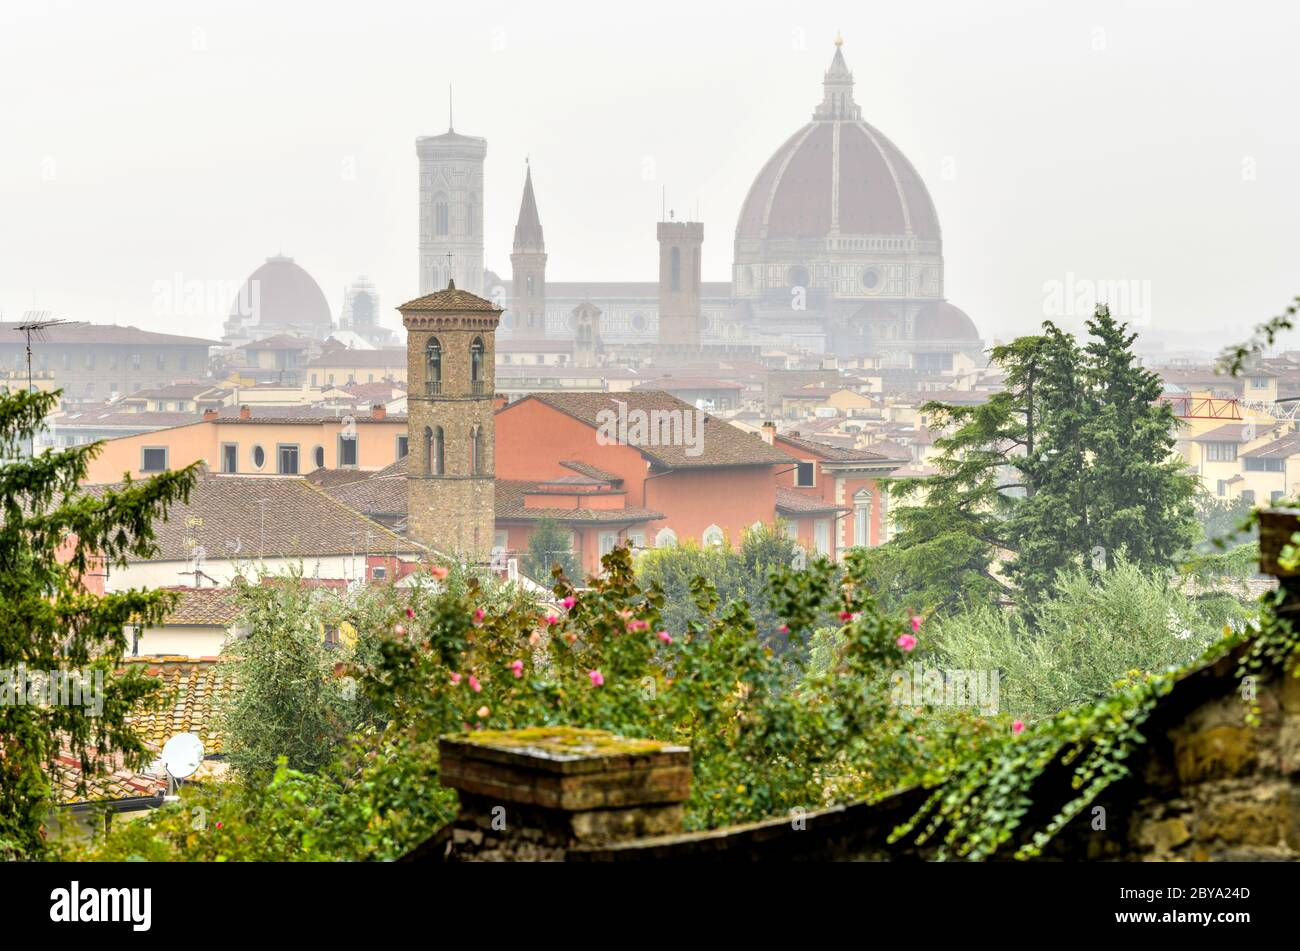 Florencia en la lluvia - una vista lluviosa y foggy de otoño del horizonte de la Catedral de Florencia en el casco antiguo de Florencia. Toscana, Italia. Foto de stock